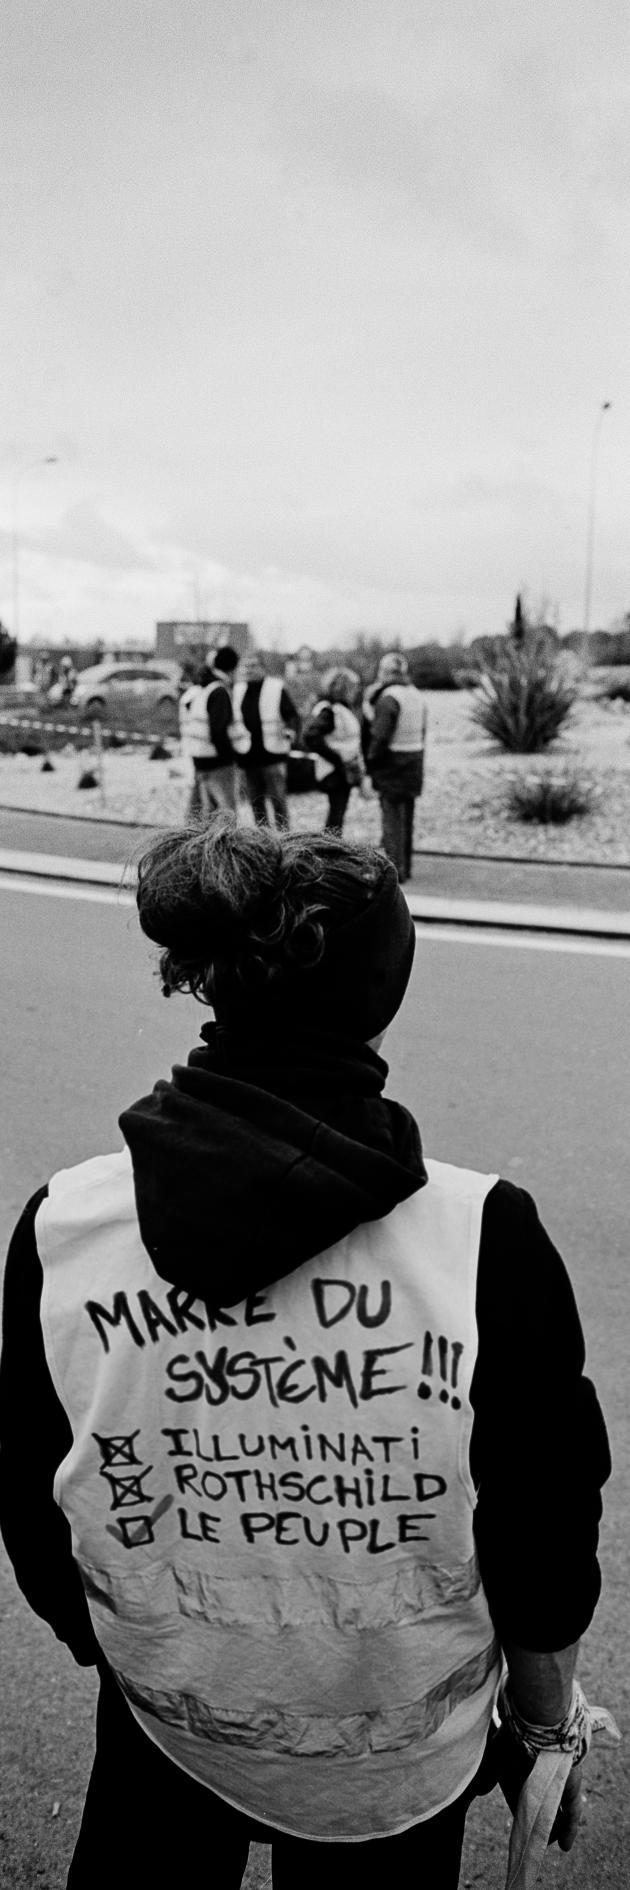 Rond-point de Samazan à Marmande, samedi 8 décembre. Les «gilets jaunes» effectuent des «tours de rond-point» afin de filtrer la circulation et manifester. Certains inscrivent au dos de leur gilet leurs revendications.